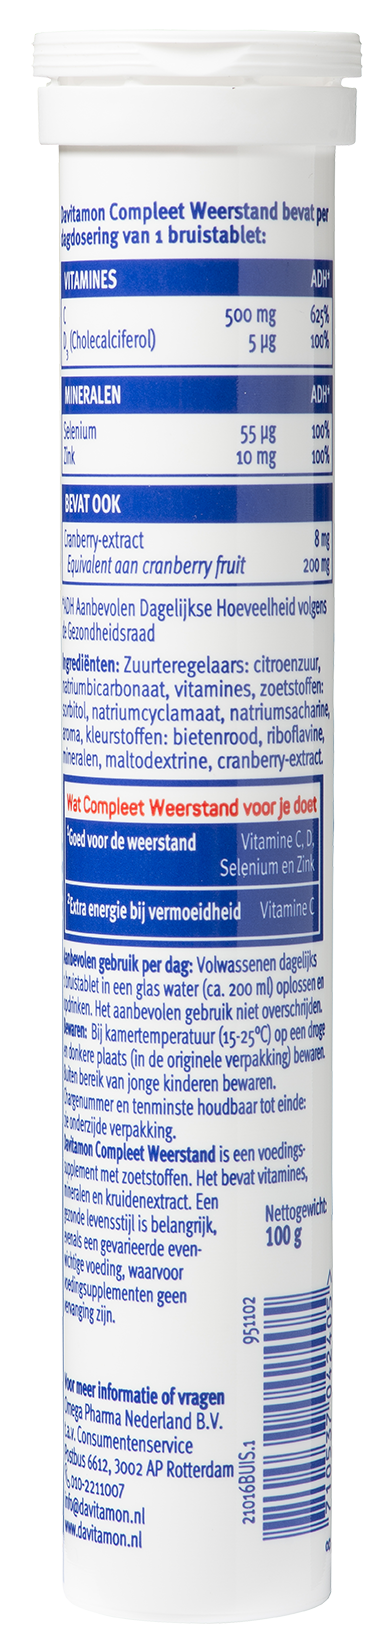 Davitamon Compleet Weerstand Bruistabletten Ingredienten